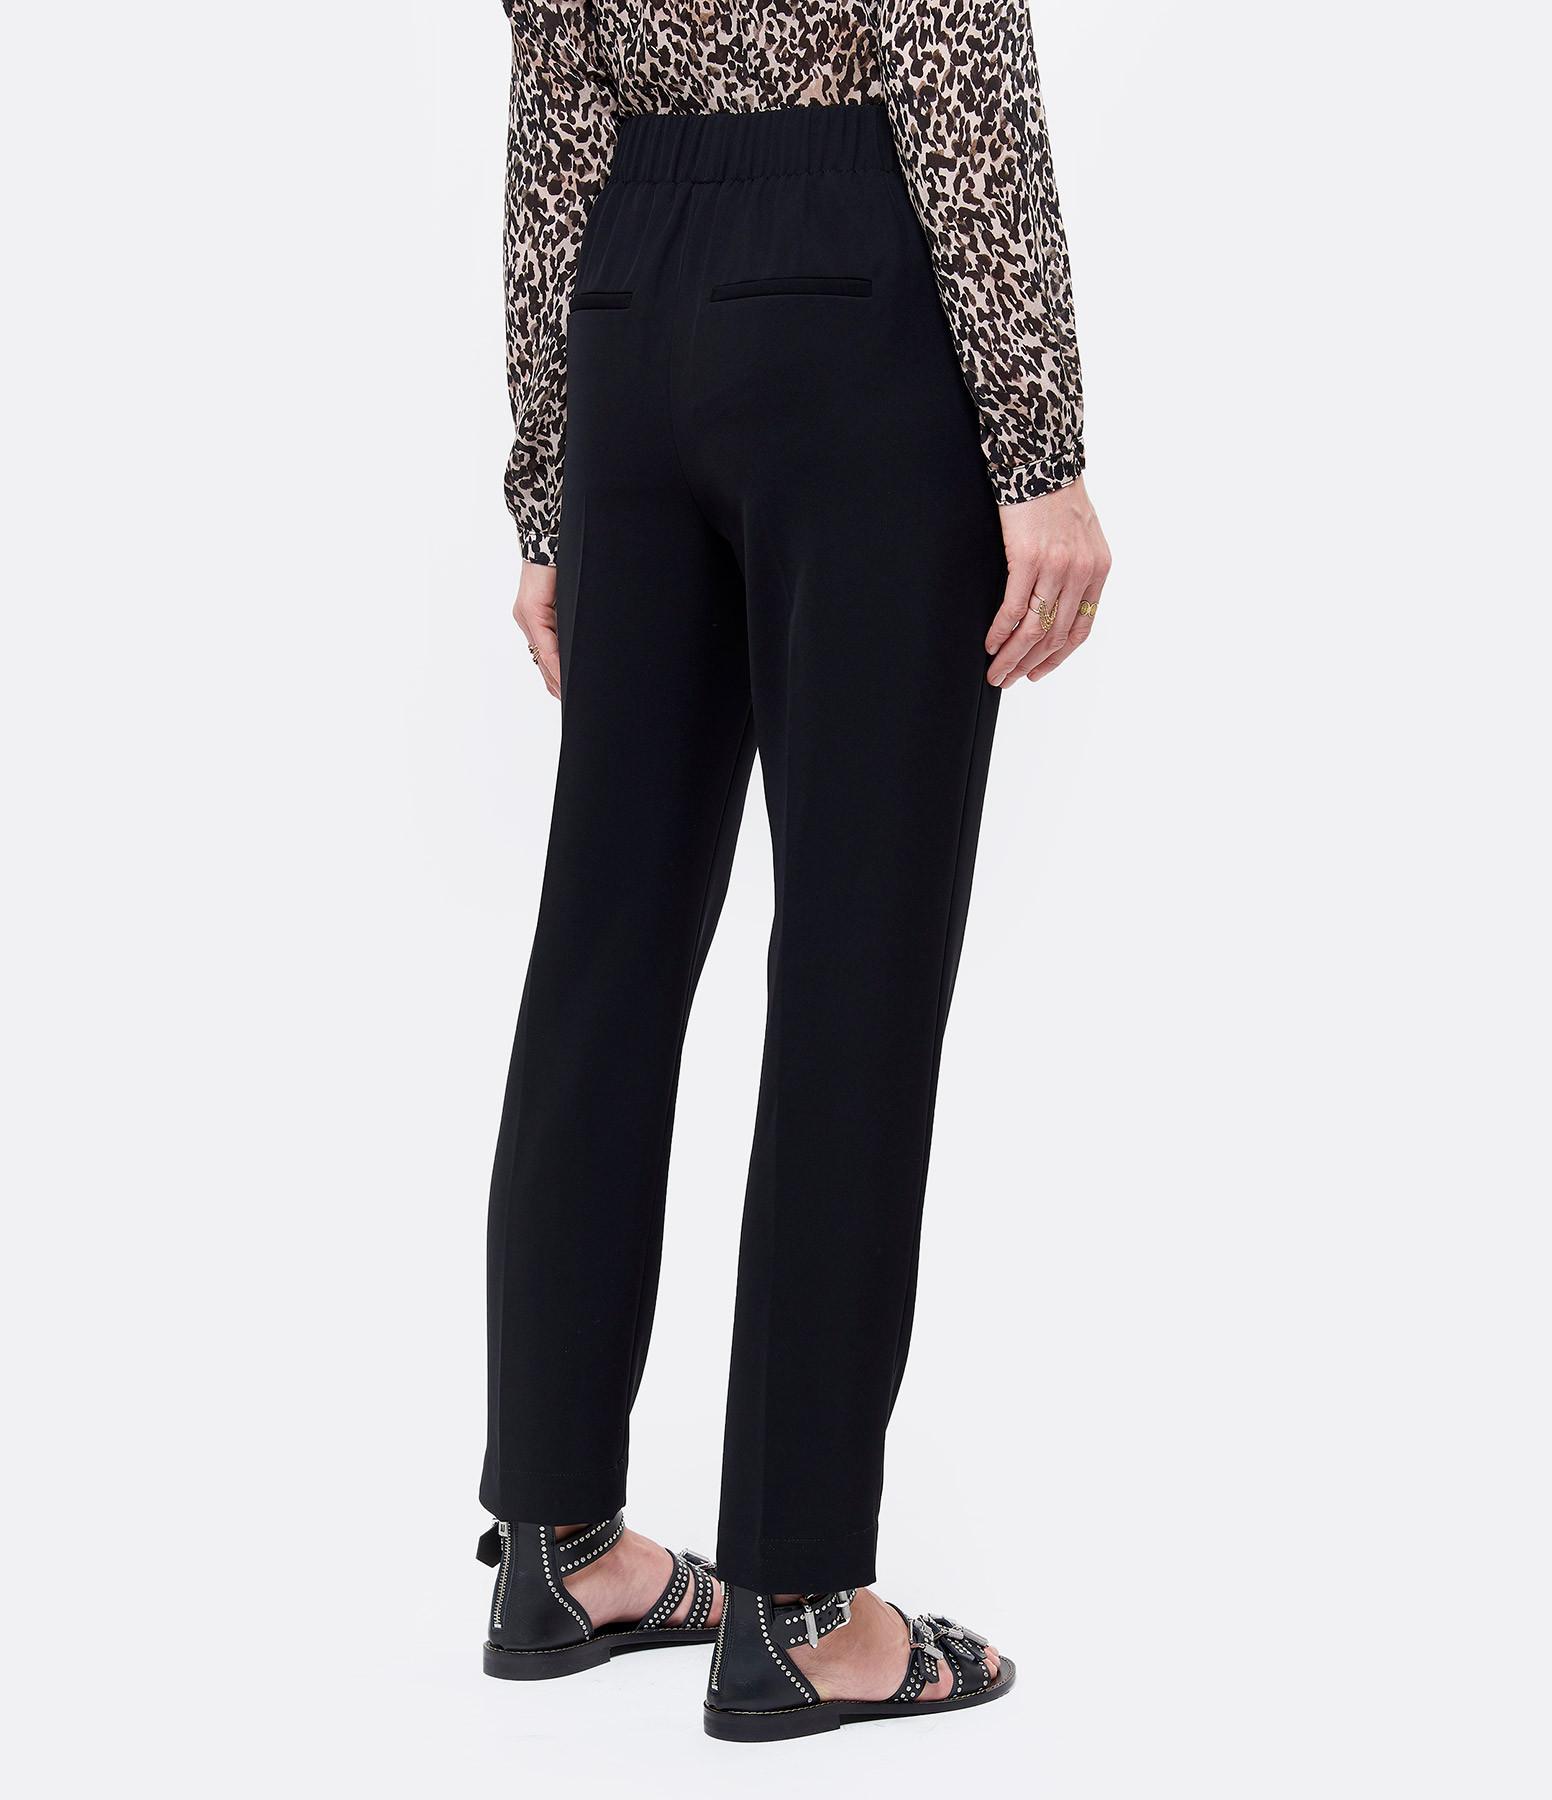 VINCE - Pantalon Effilé Noir